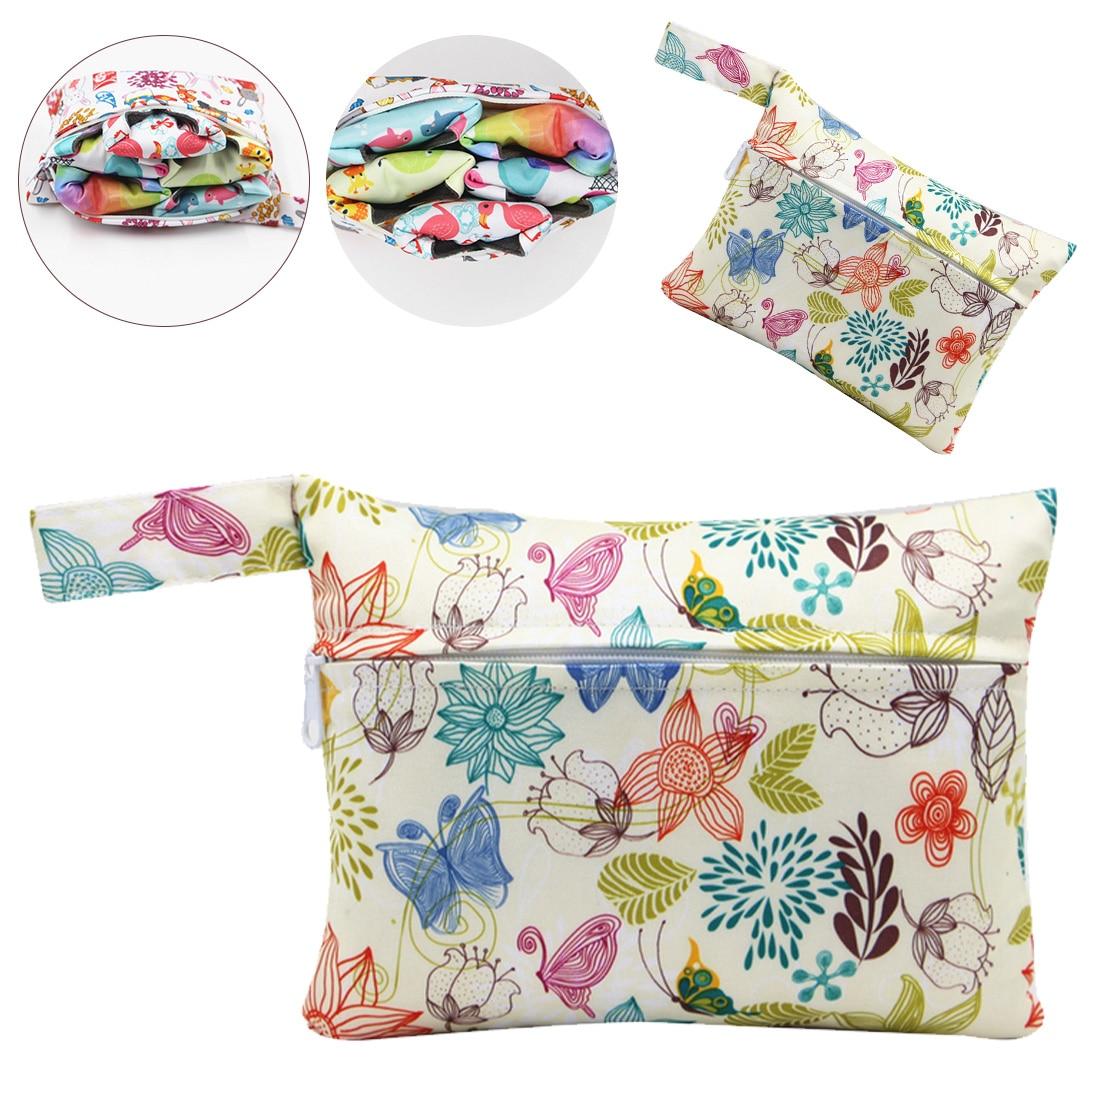 Mini Wet Bag Waterproof Maternity Bag For Menstrual Pads Breast Pad Nursing Pad Reusable Snack Bags 18*14cm